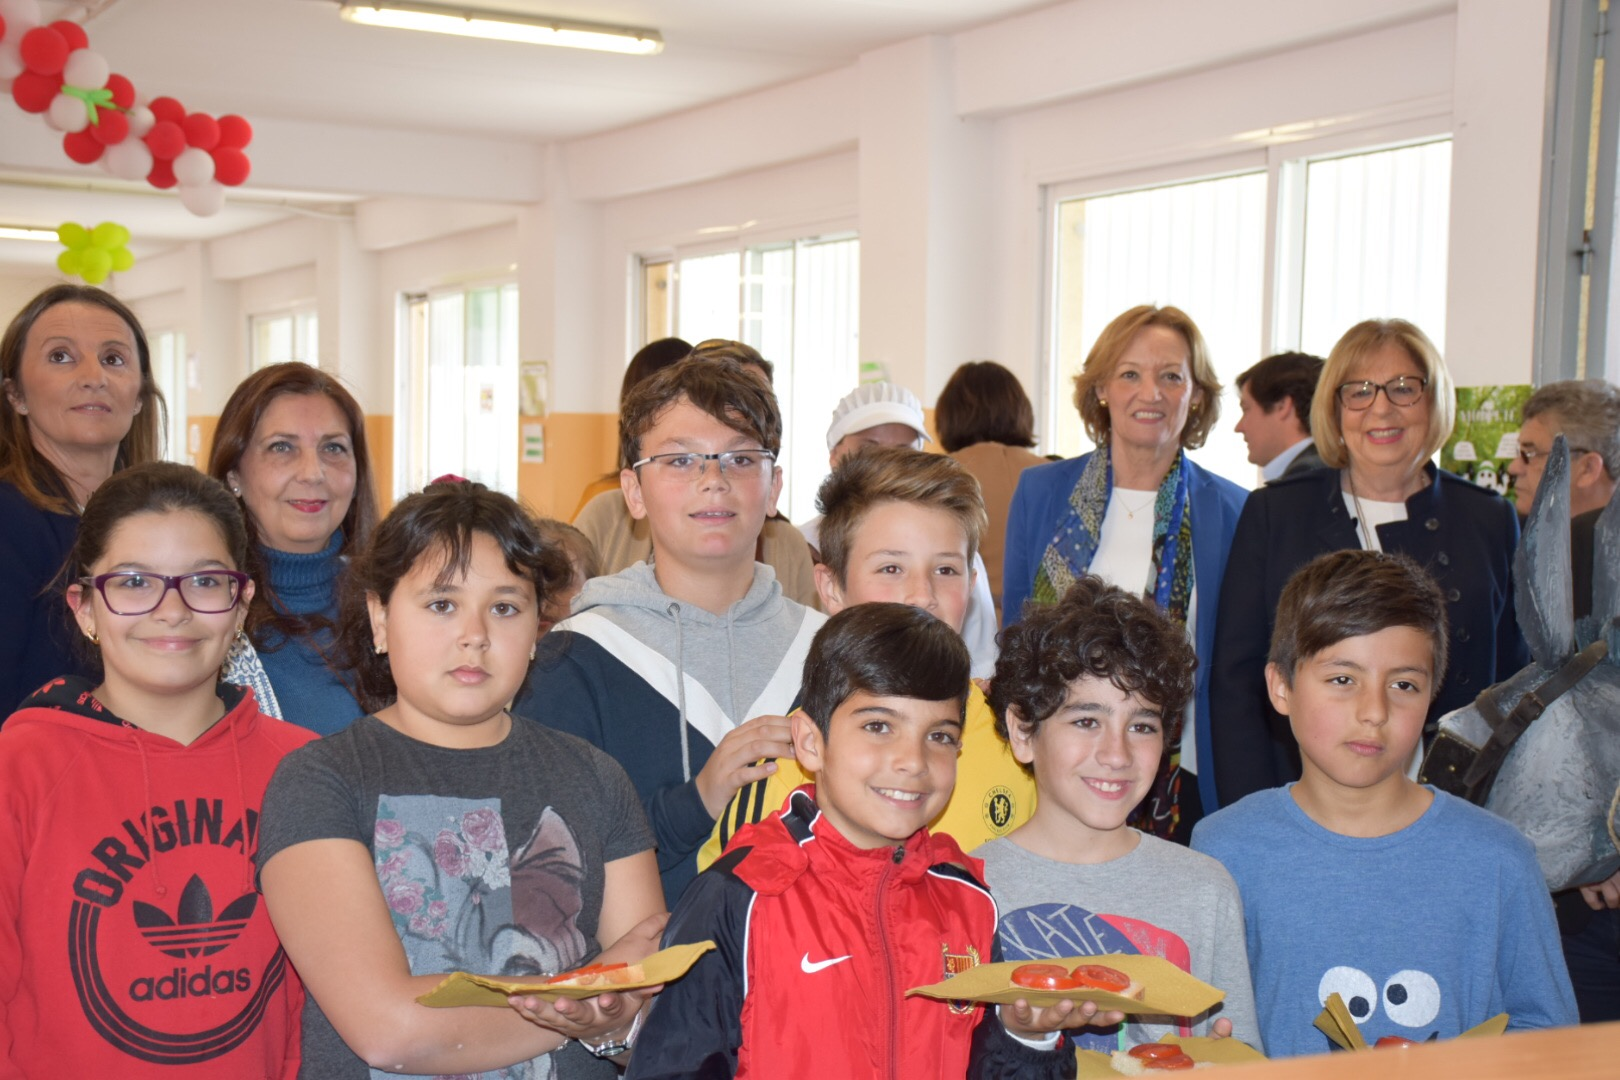 Junta de andaluc a la junta sirve este curso m s de tres millones de productos ecol gicos en - Comedores escolares malaga ...